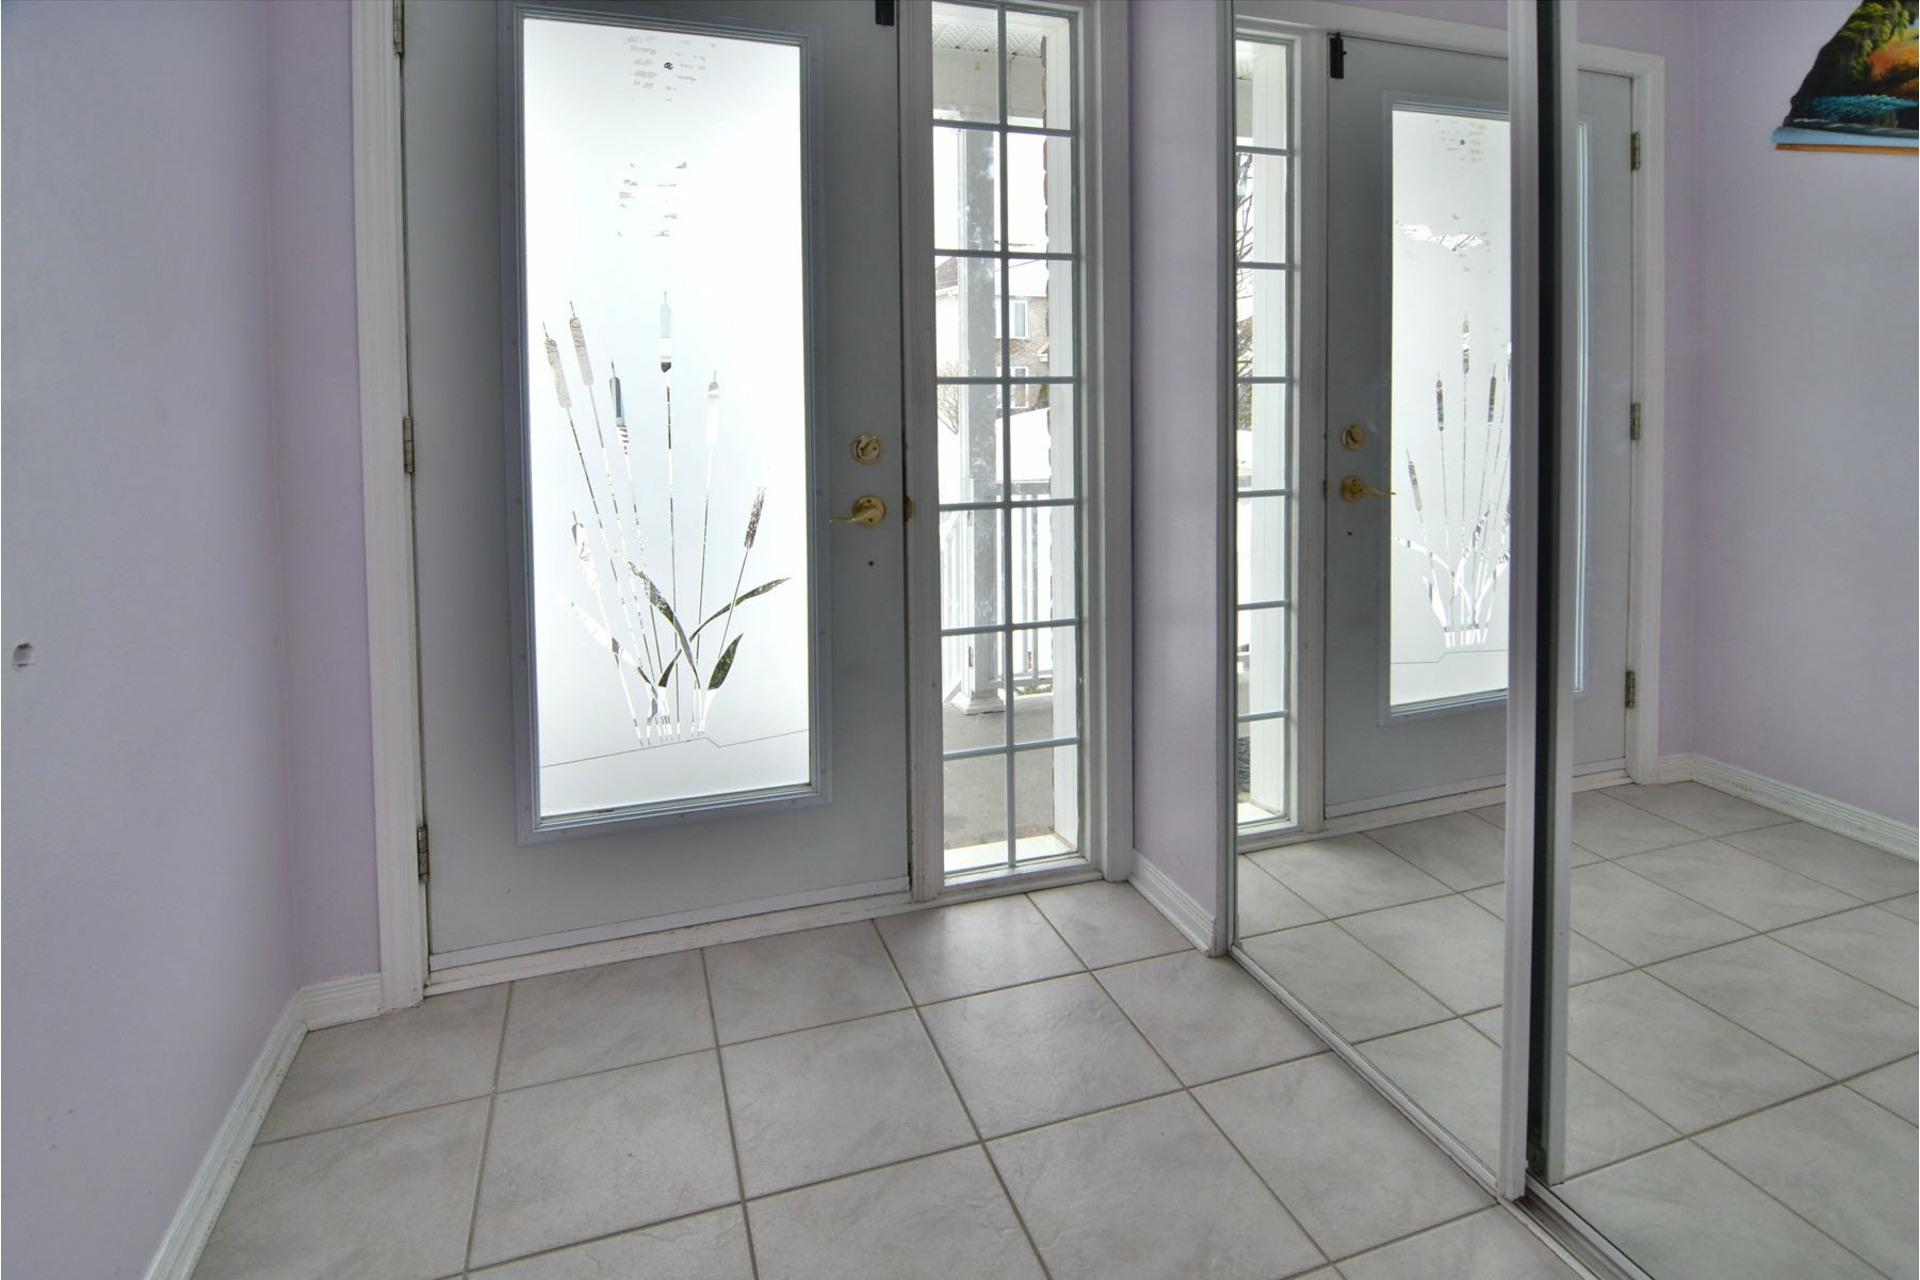 image 2 - Maison À louer Vaudreuil-Dorion - 13 pièces